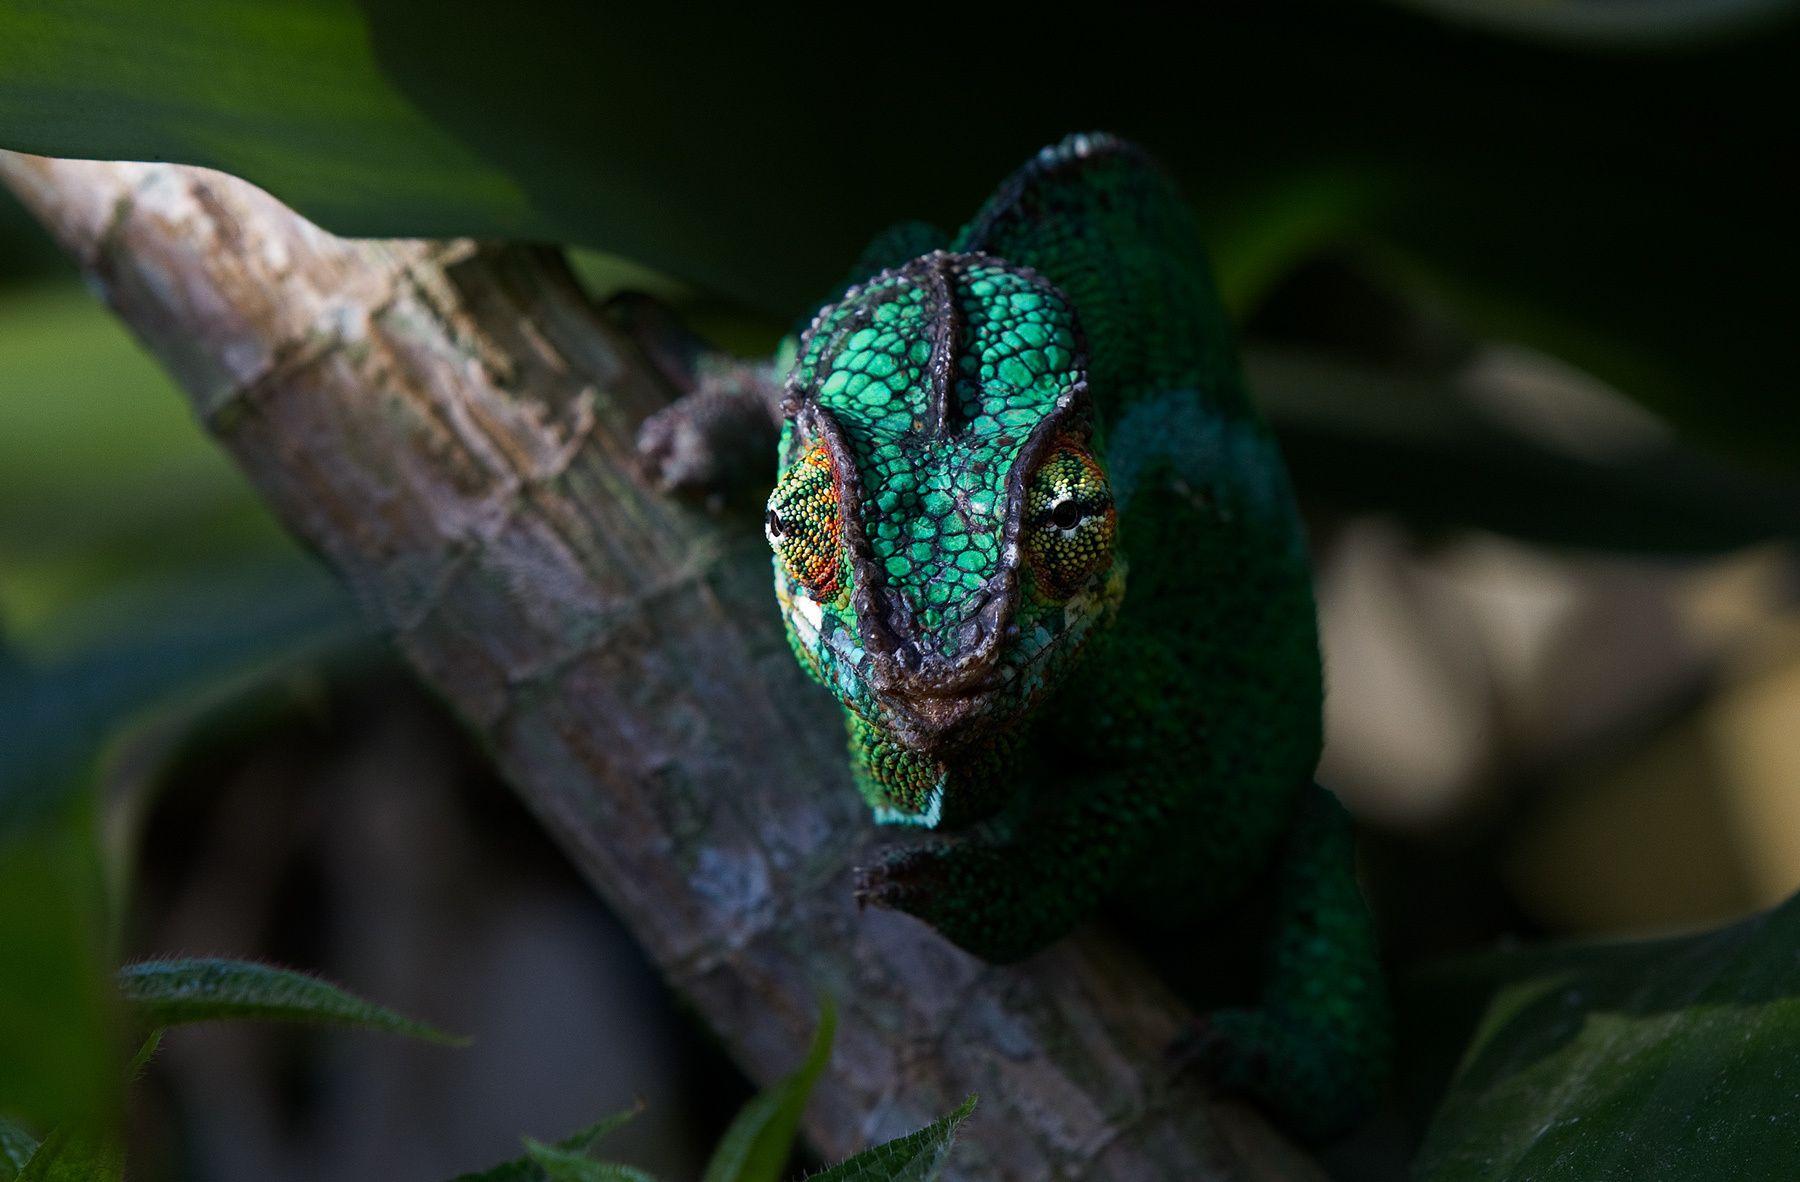 1chameleon_green